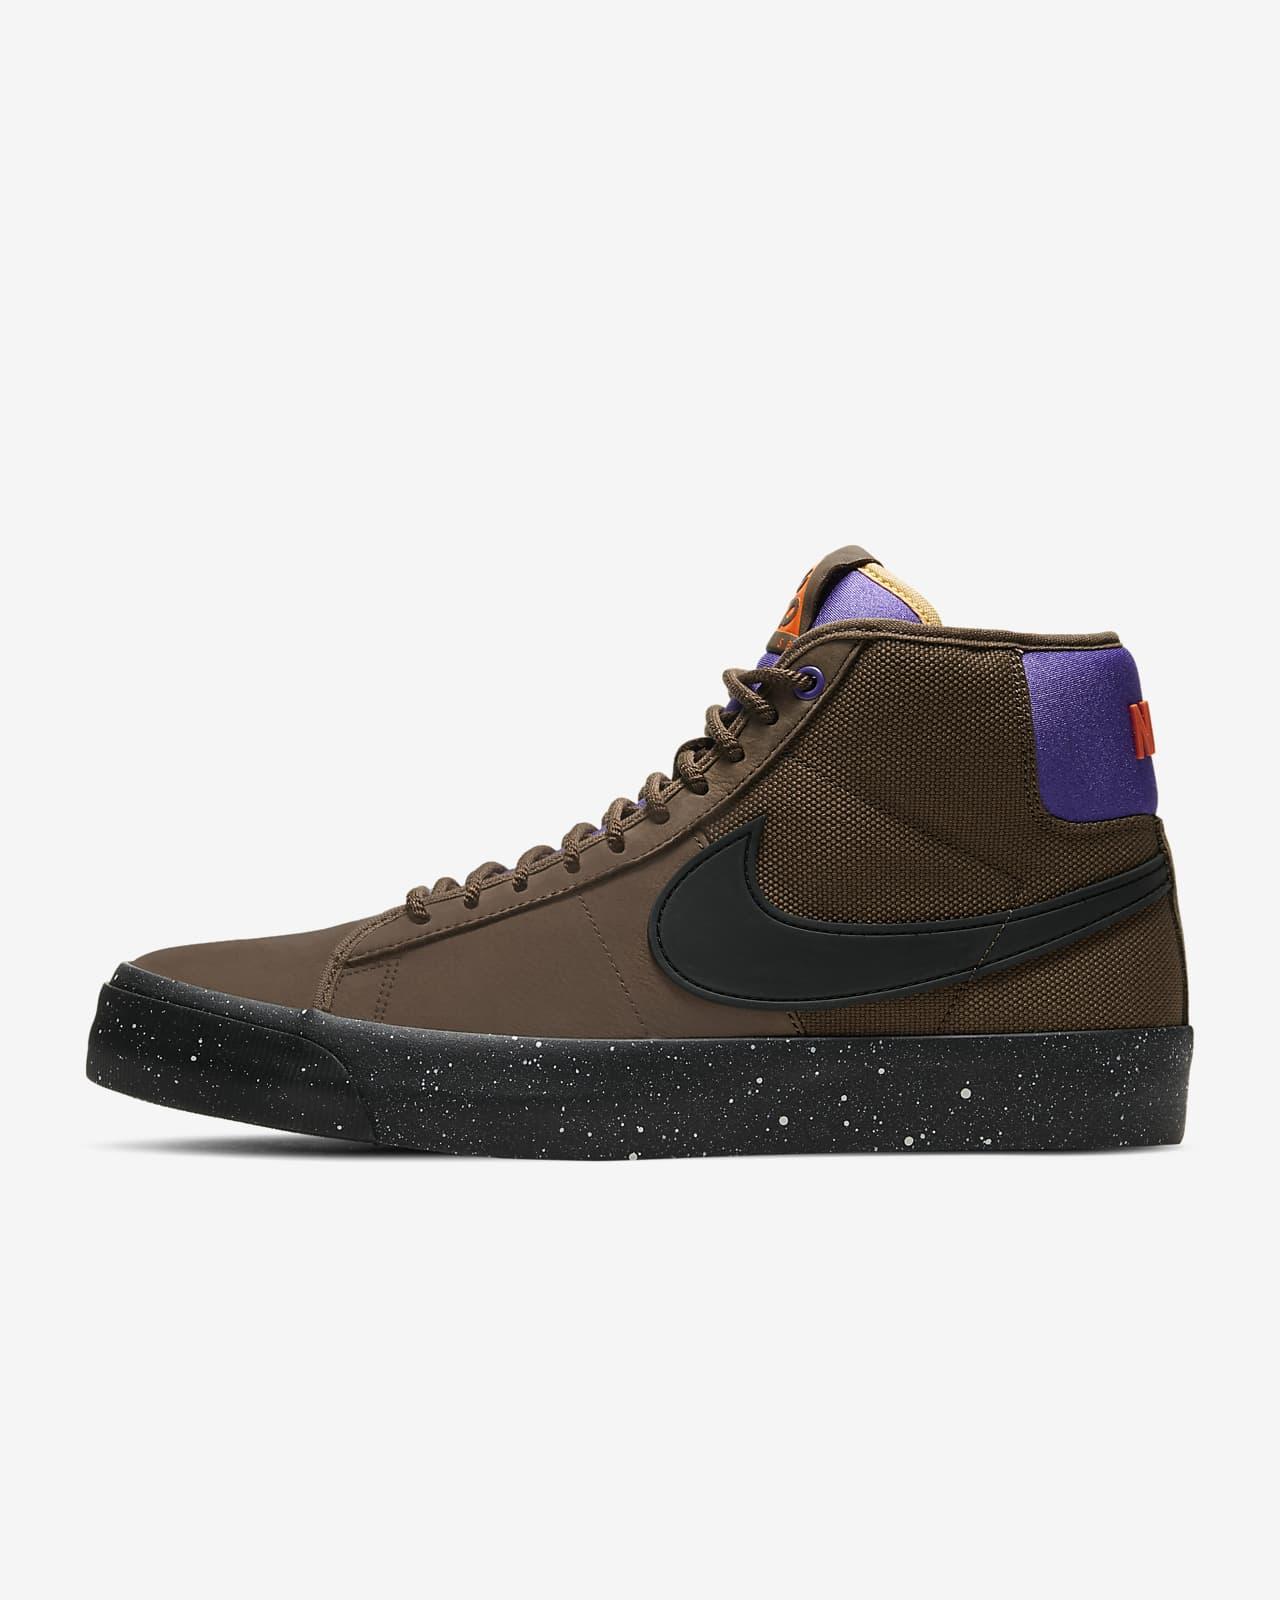 รองเท้าสเก็ตบอร์ด Nike SB Zoom Blazer Mid Pro GT